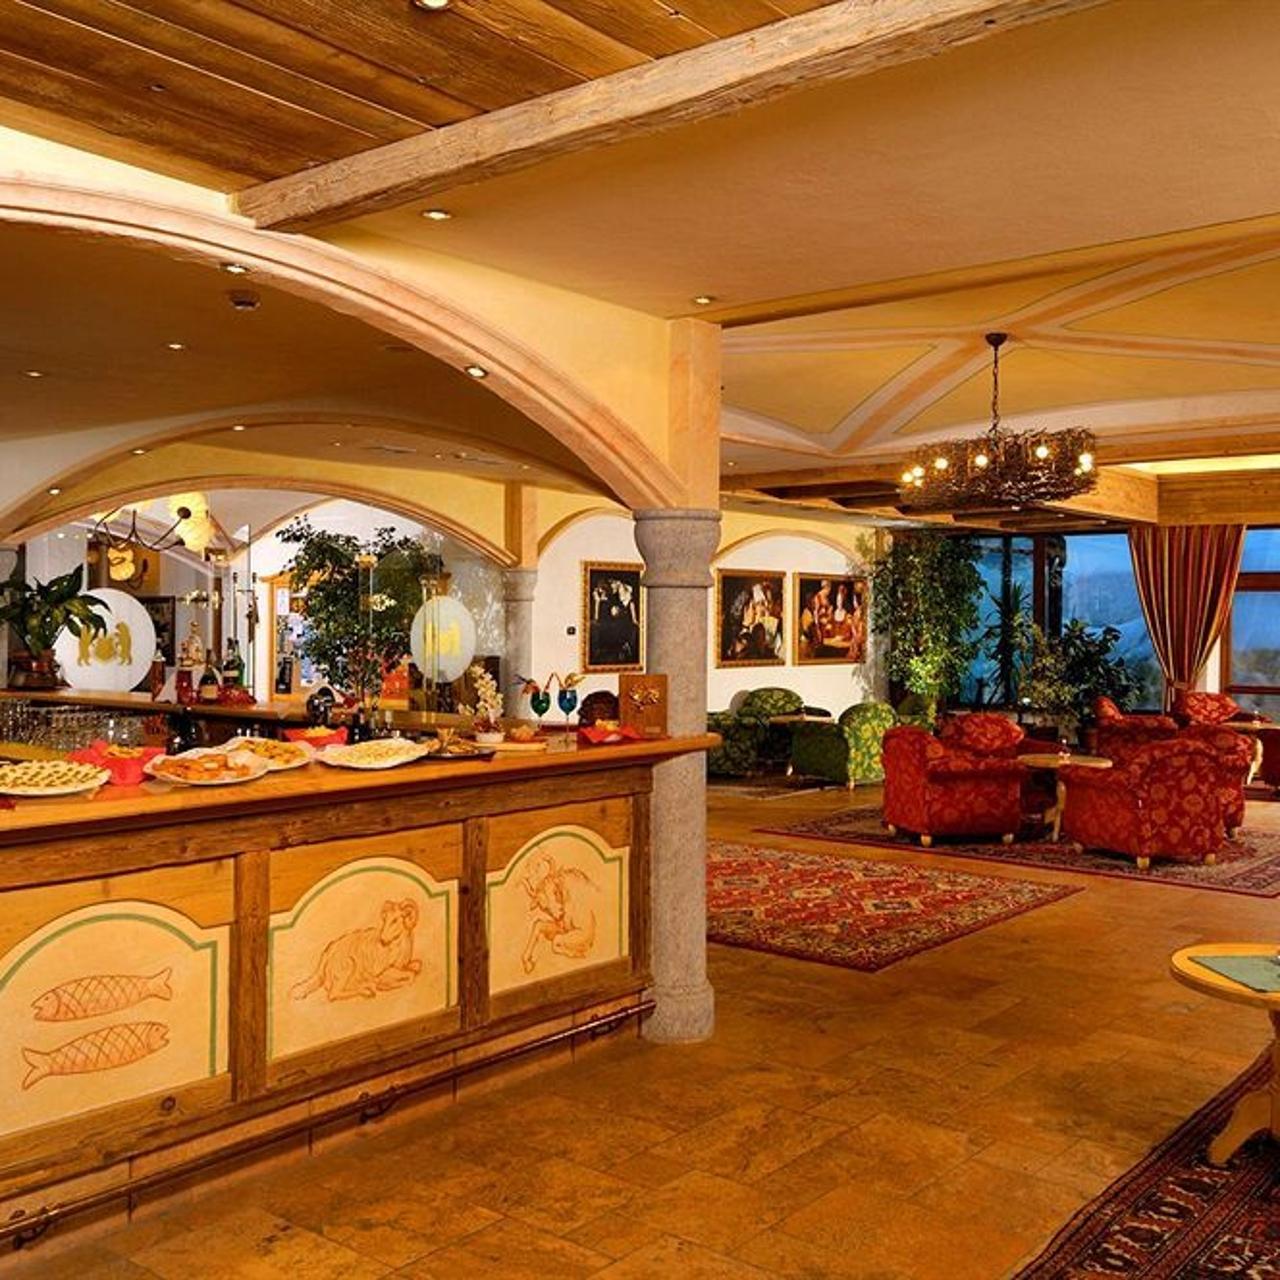 Carlo_Magno_Hotel_Spa_Resort-Madonna_di_Campiglio_Pinzolo-Hotel_bar-2-753664